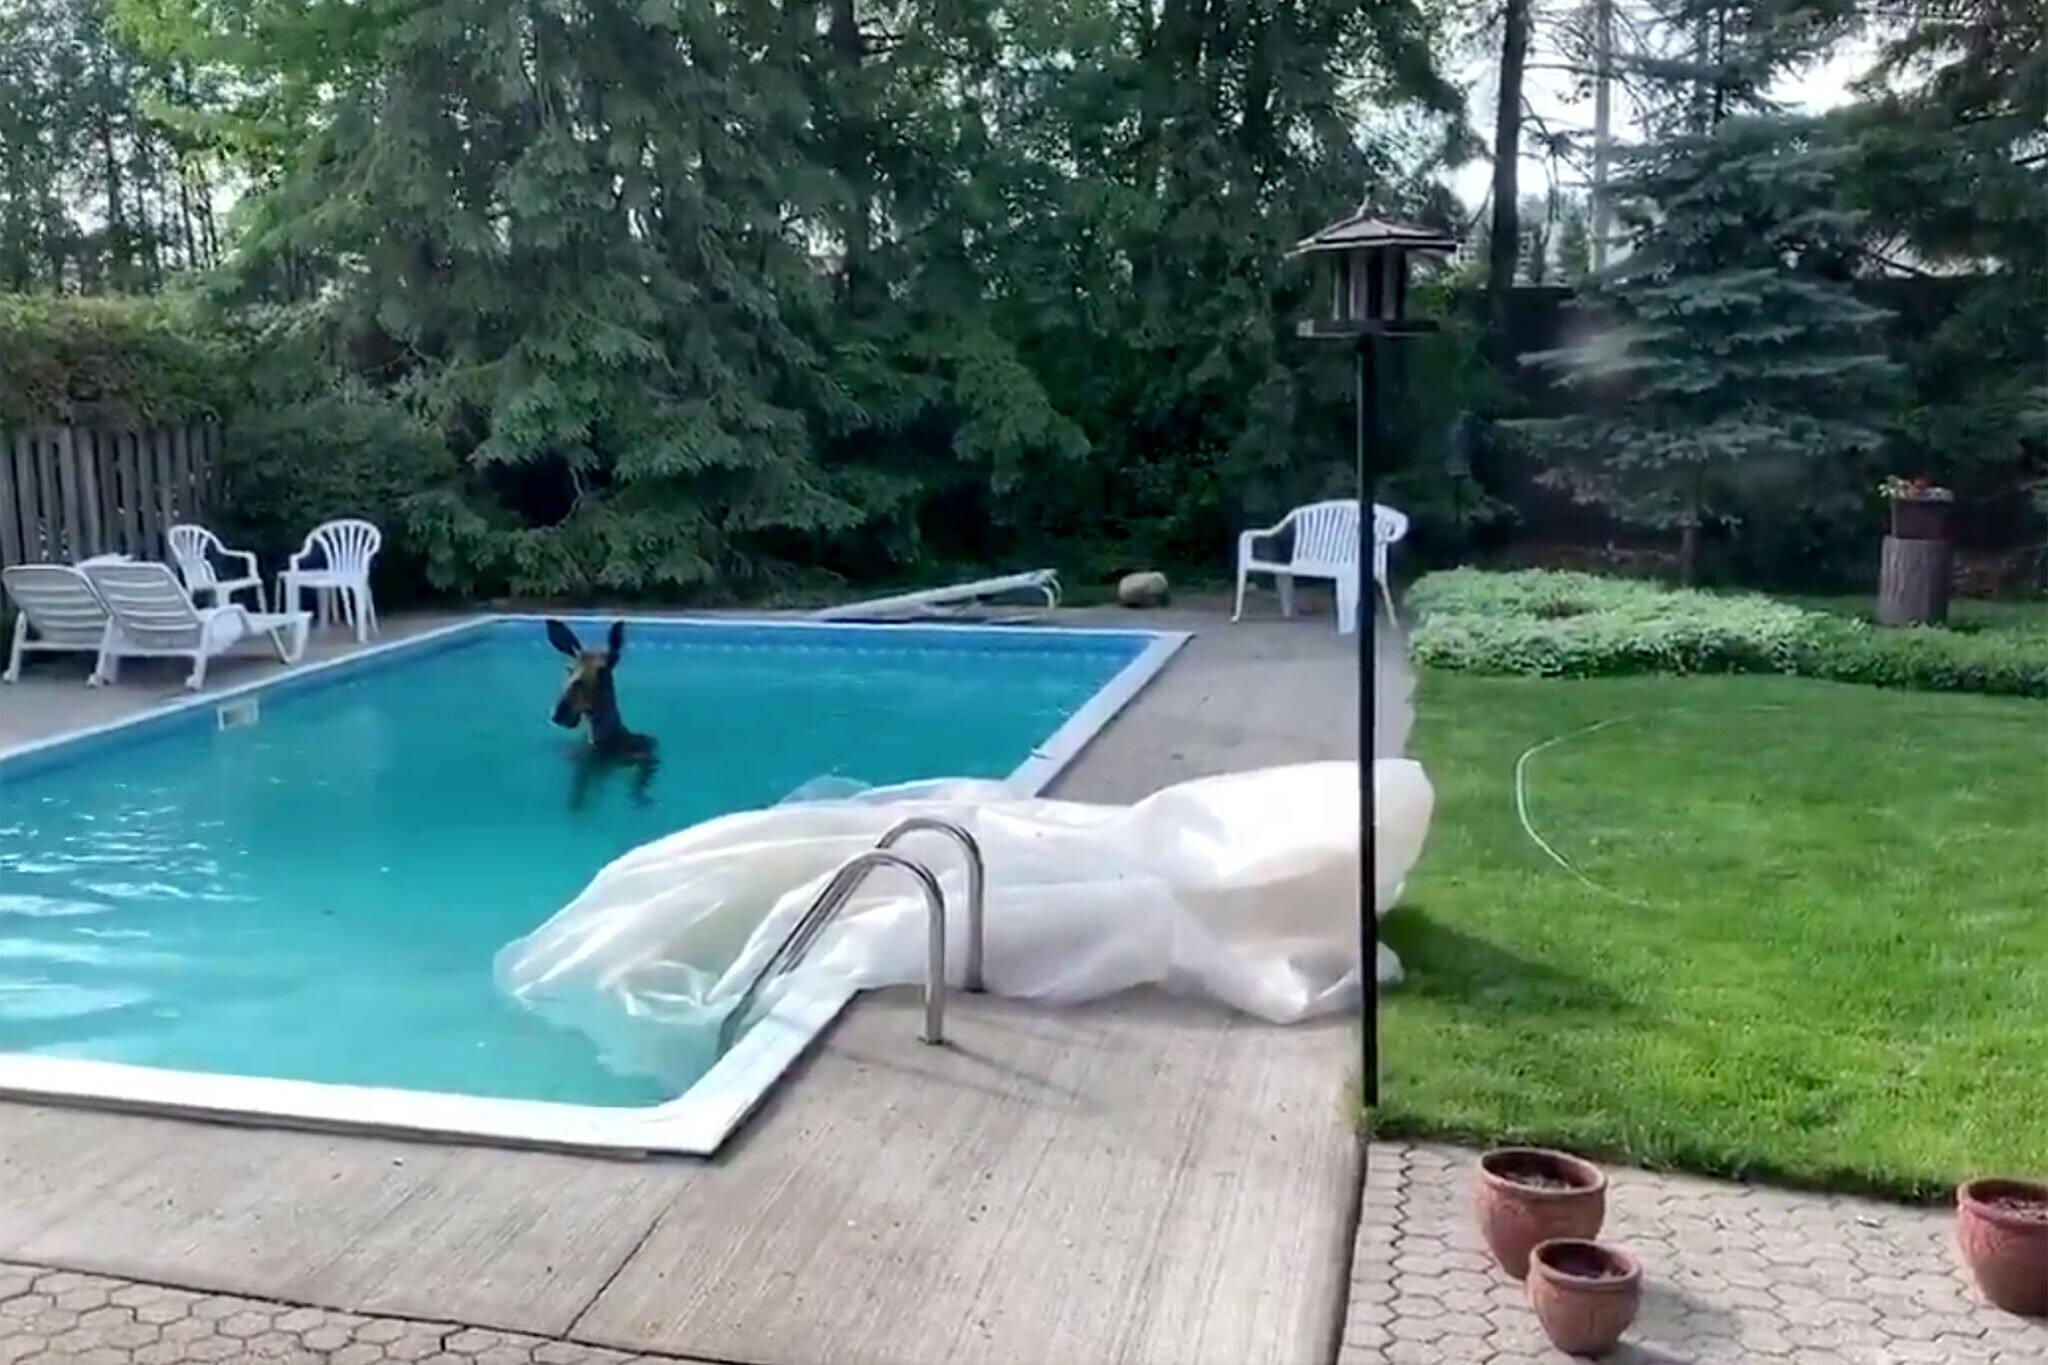 moose in pool